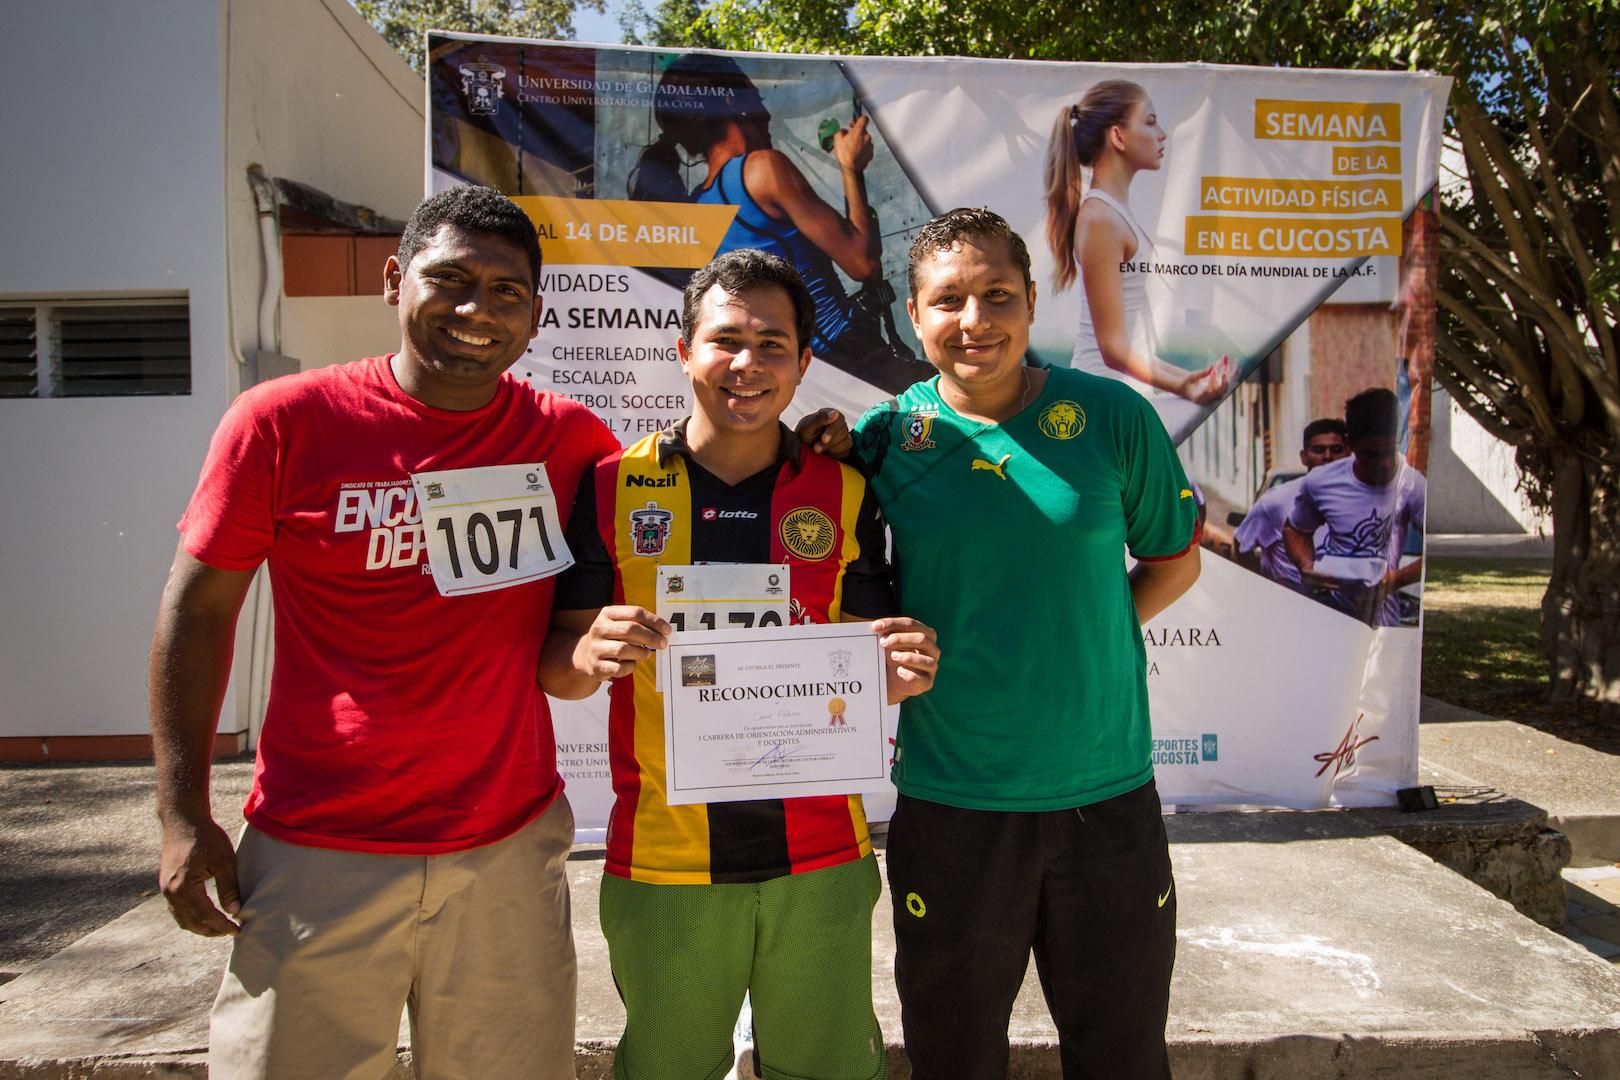 Julio César Morales y Daniel Palacios triunfaron en la categoría por equipos